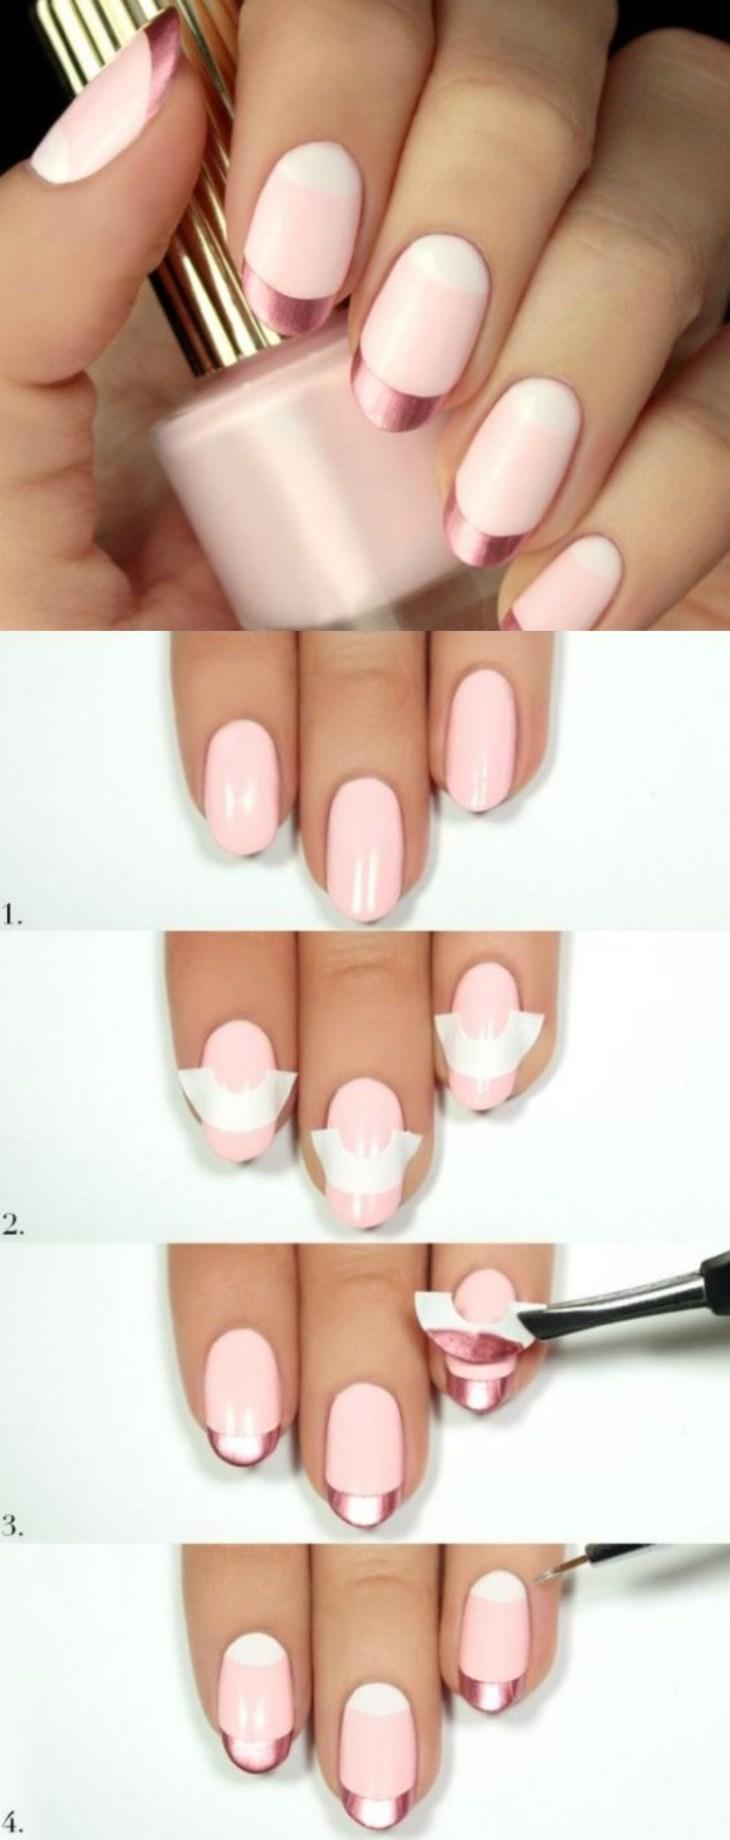 manucure-rose-pastel-lunules-blanches-pointes-métalliques